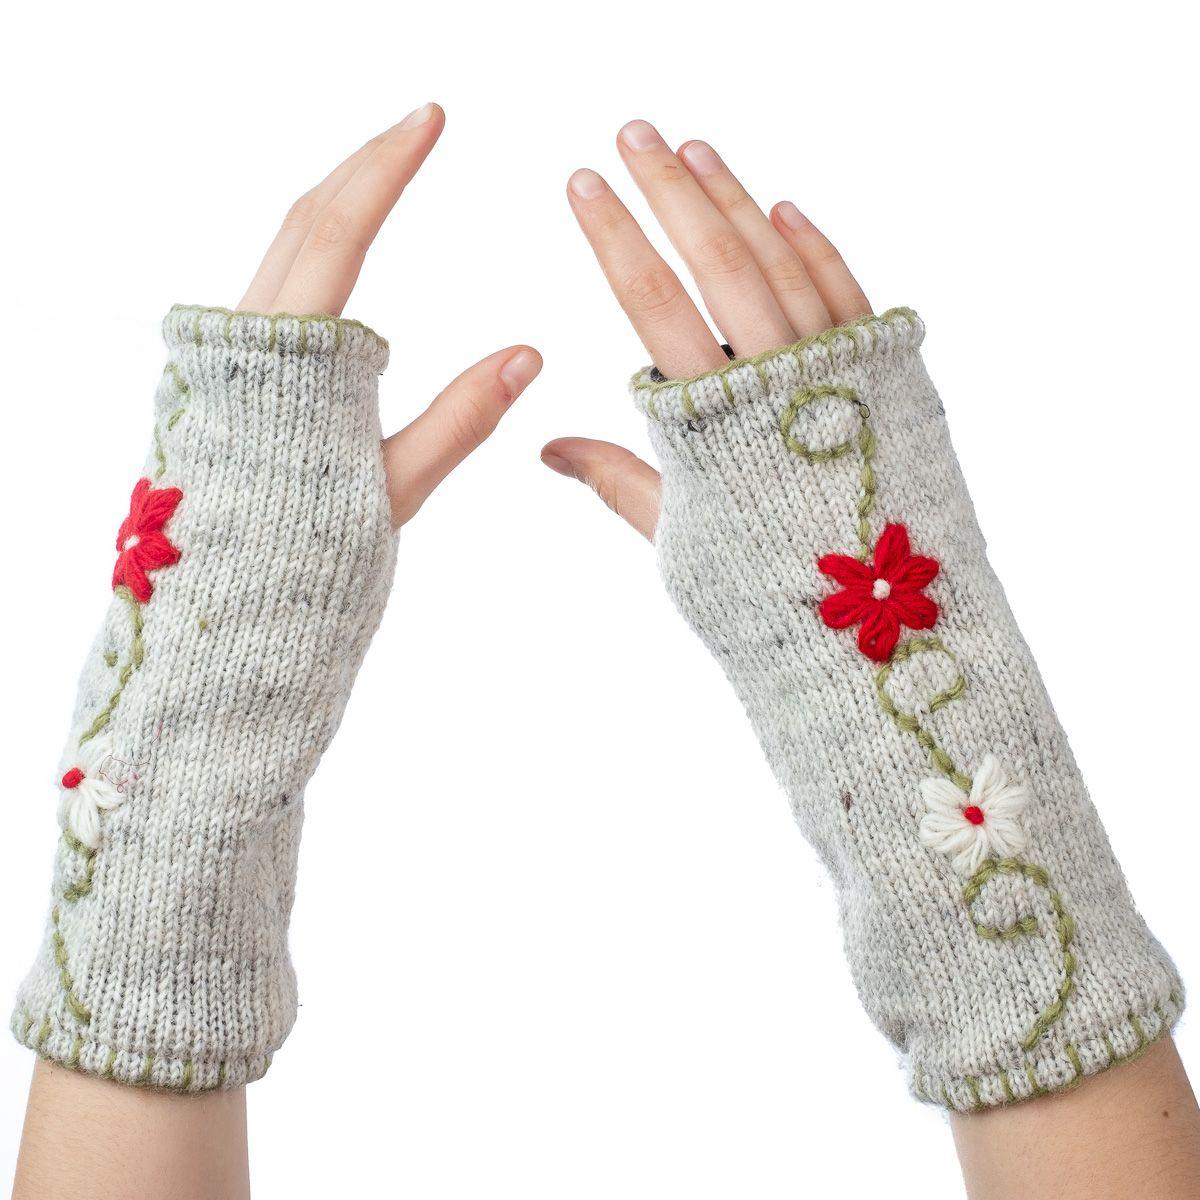 Woolen hand warmers Umanga Rabu